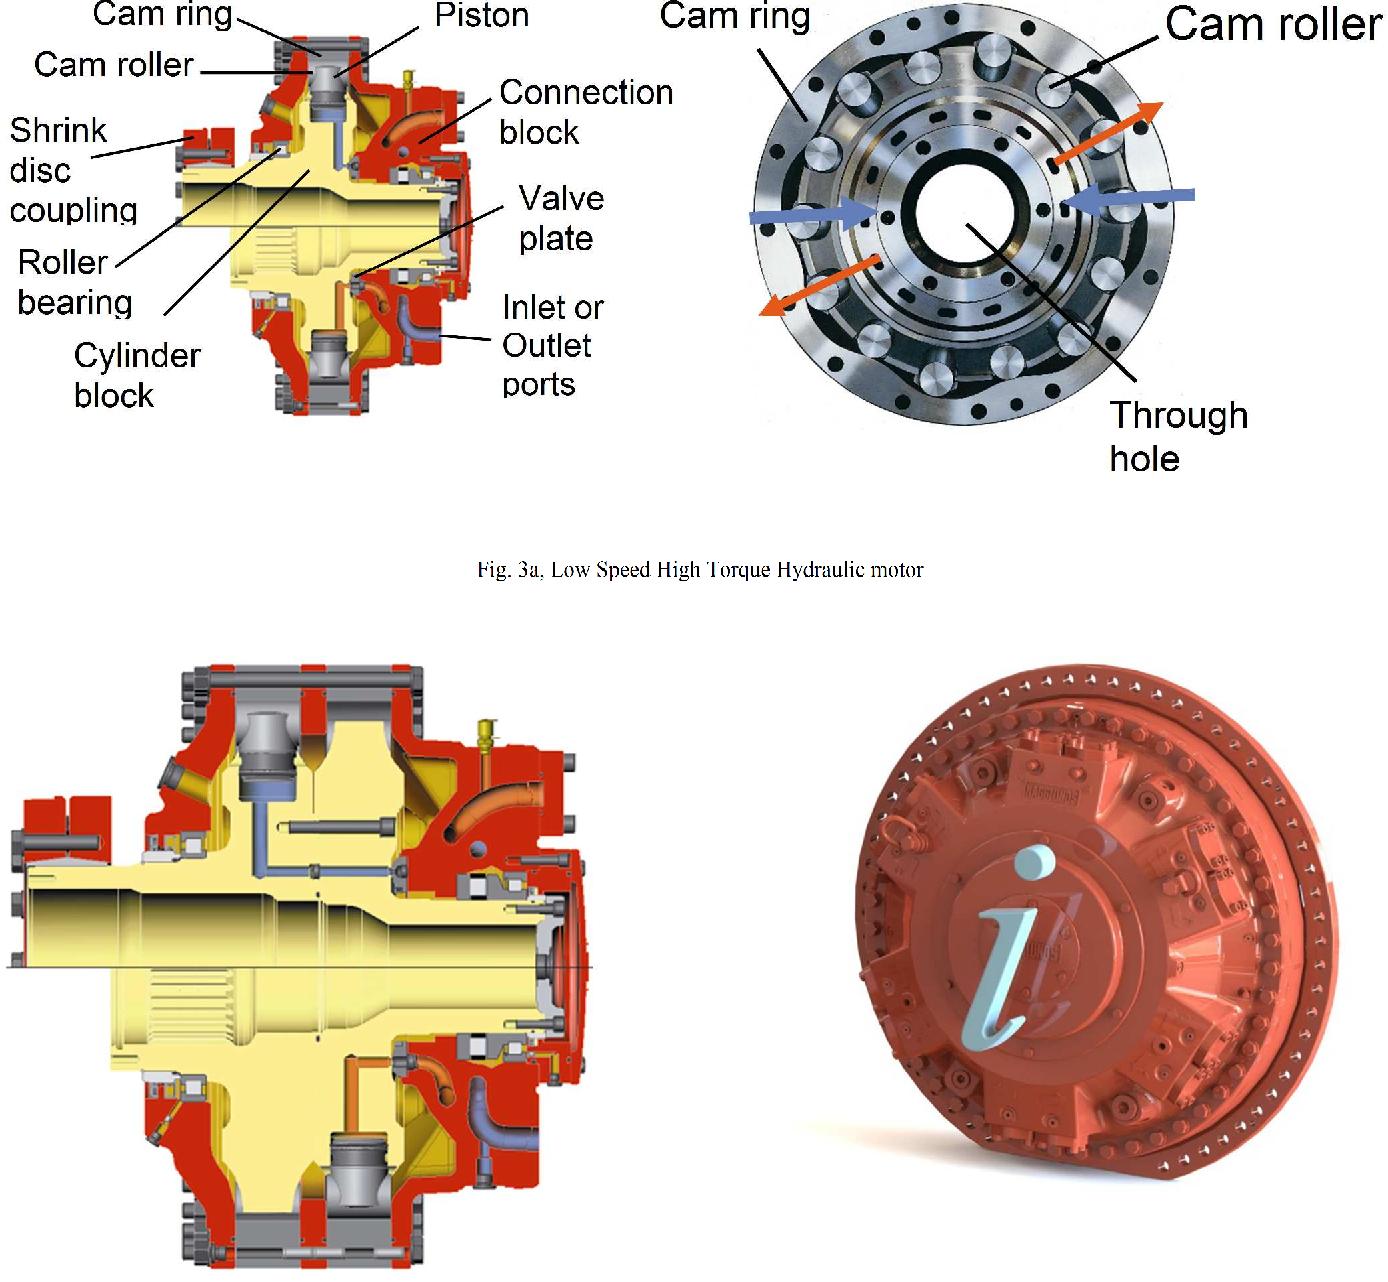 Figure 3 from Successful retrofit of a HPGR (High pressure